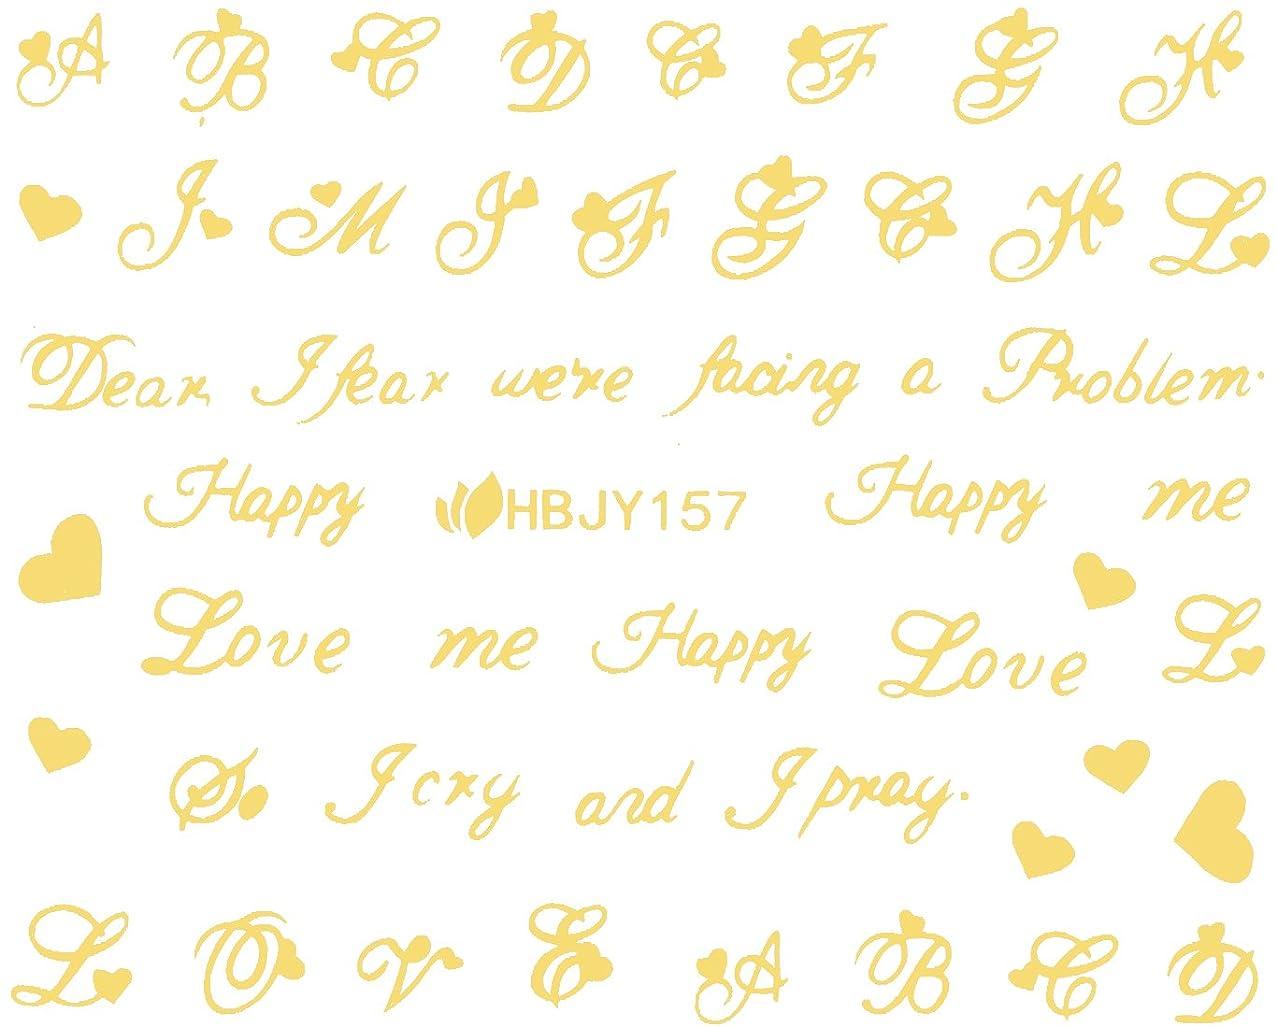 プレフィックス天使枯渇ネイルシール アルファベット 文字 パート2 ブラック/ホワイト/ゴールド/シルバー 選べる44種 (ゴールドGP, 21)